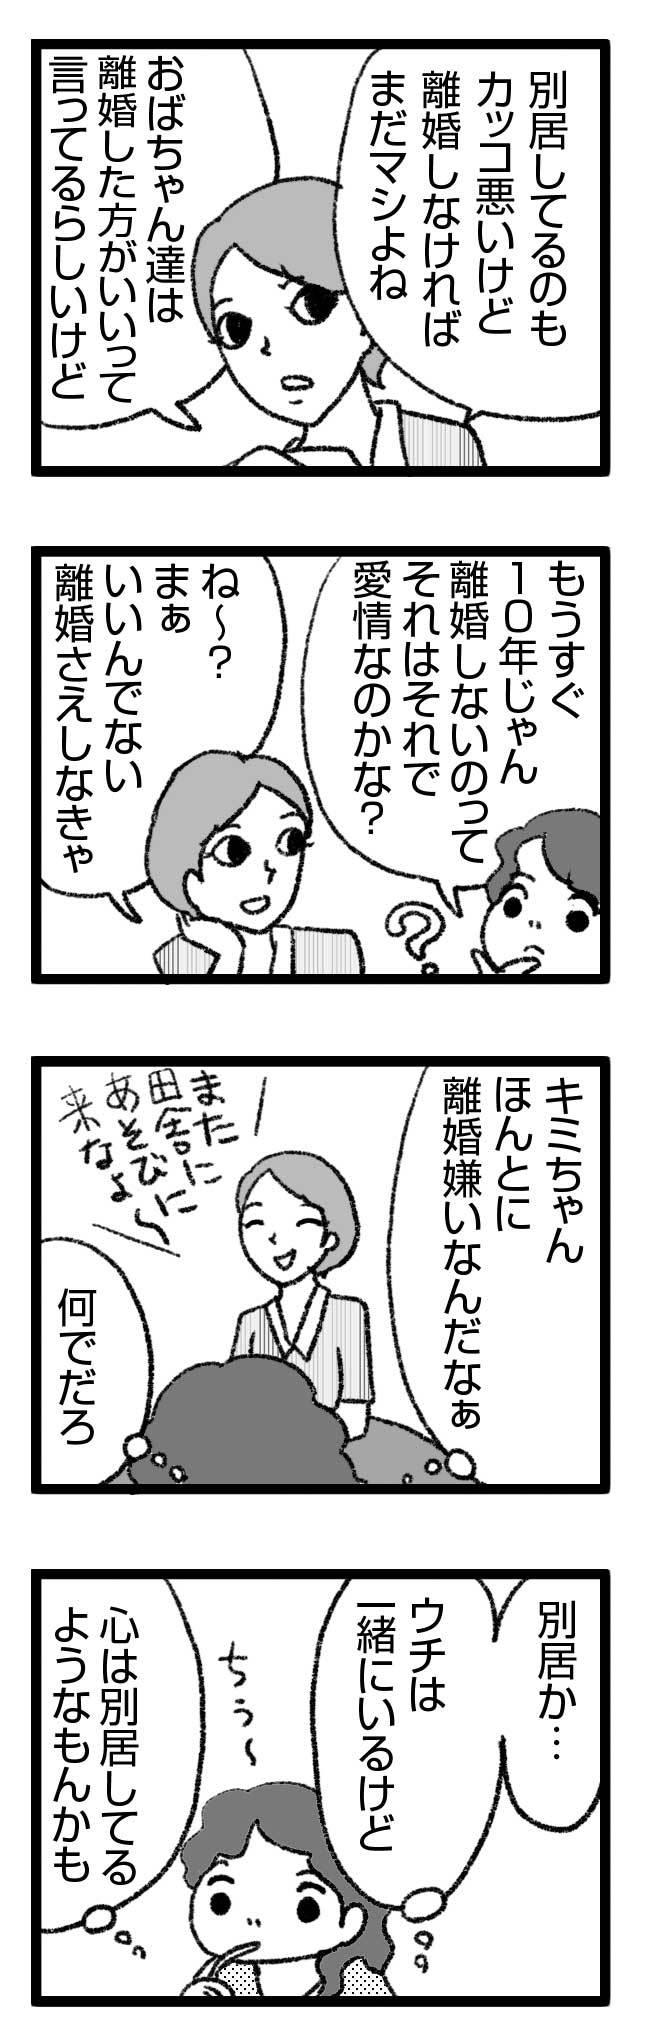 圭祐君のウワサ2 好きじゃない 結婚 謎 片思い 夫婦 ひみつ レス sex 漫画 マンガ まんが レス セックスレス スキンシップ